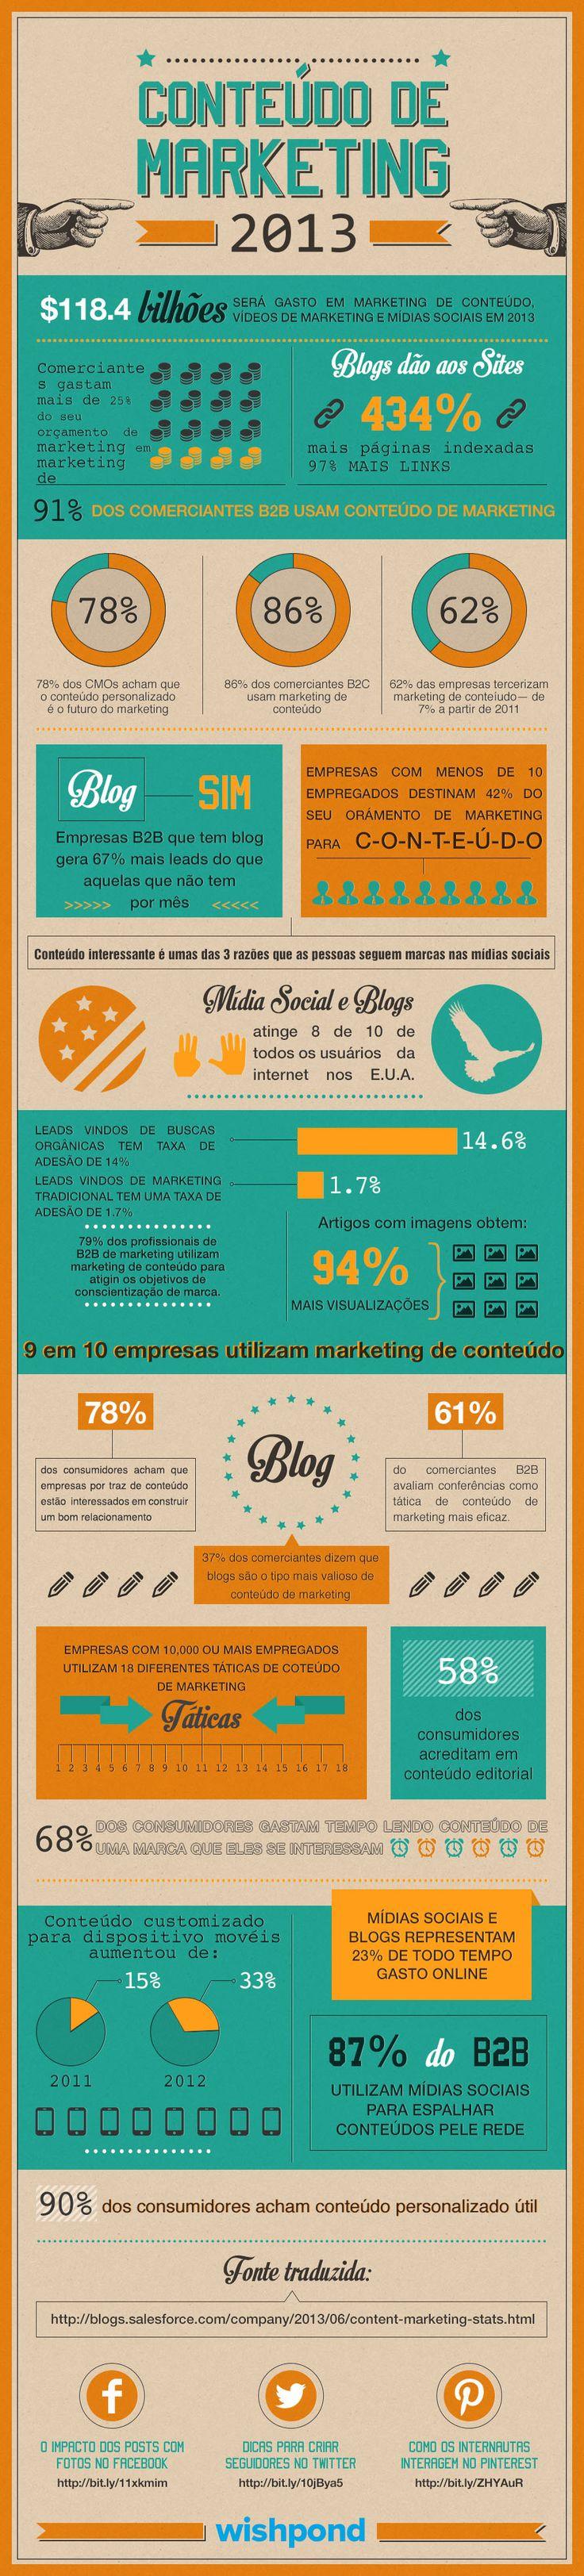 O conteúdo de Marketing Online